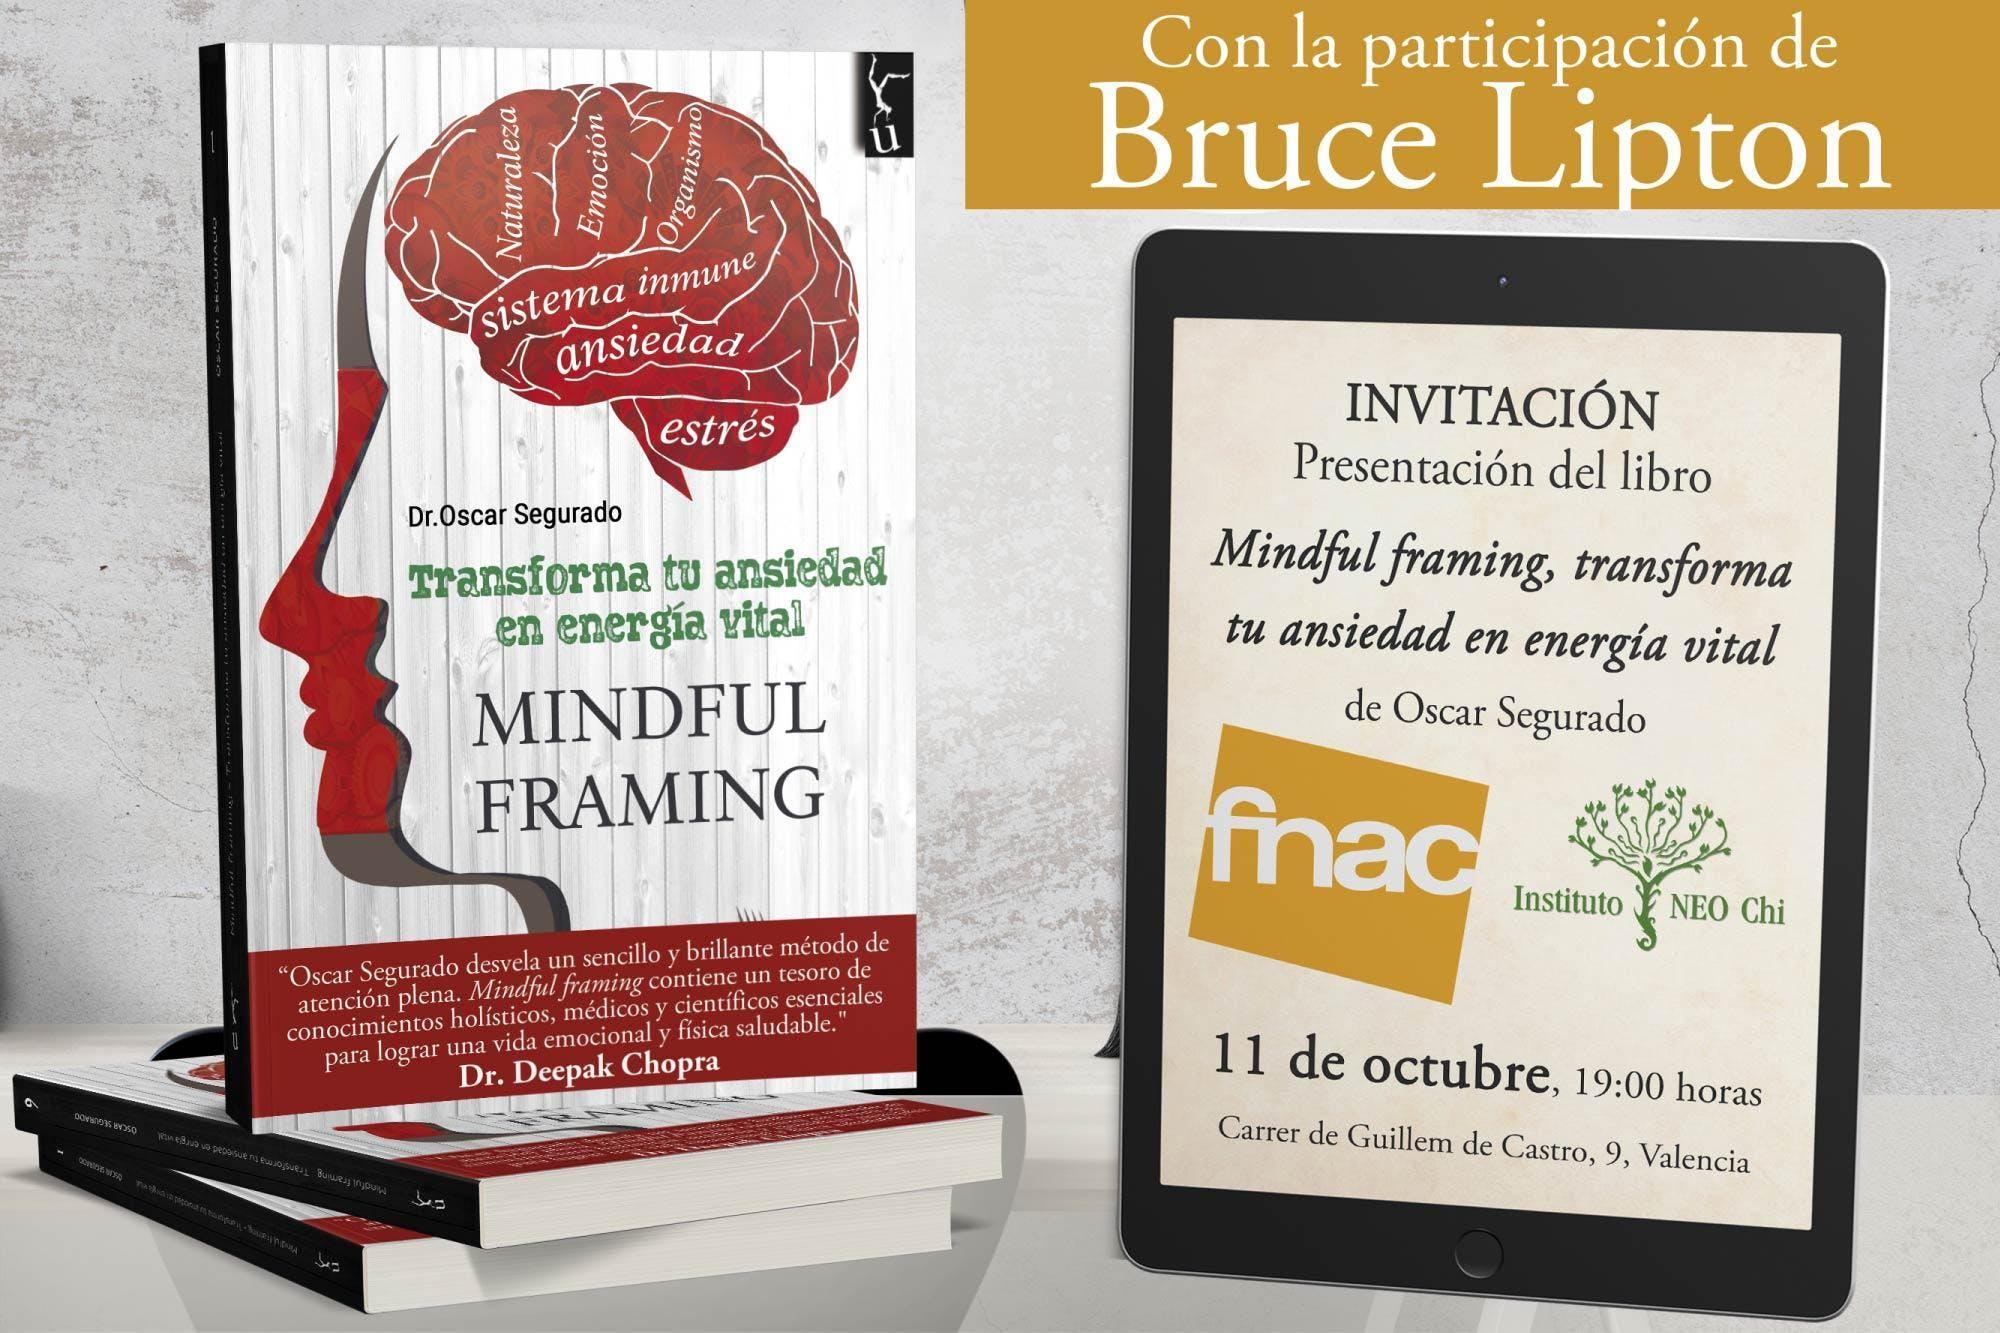 Presentación del libro Mindful framing, de Oscar Segurado y Bruce Lipton.